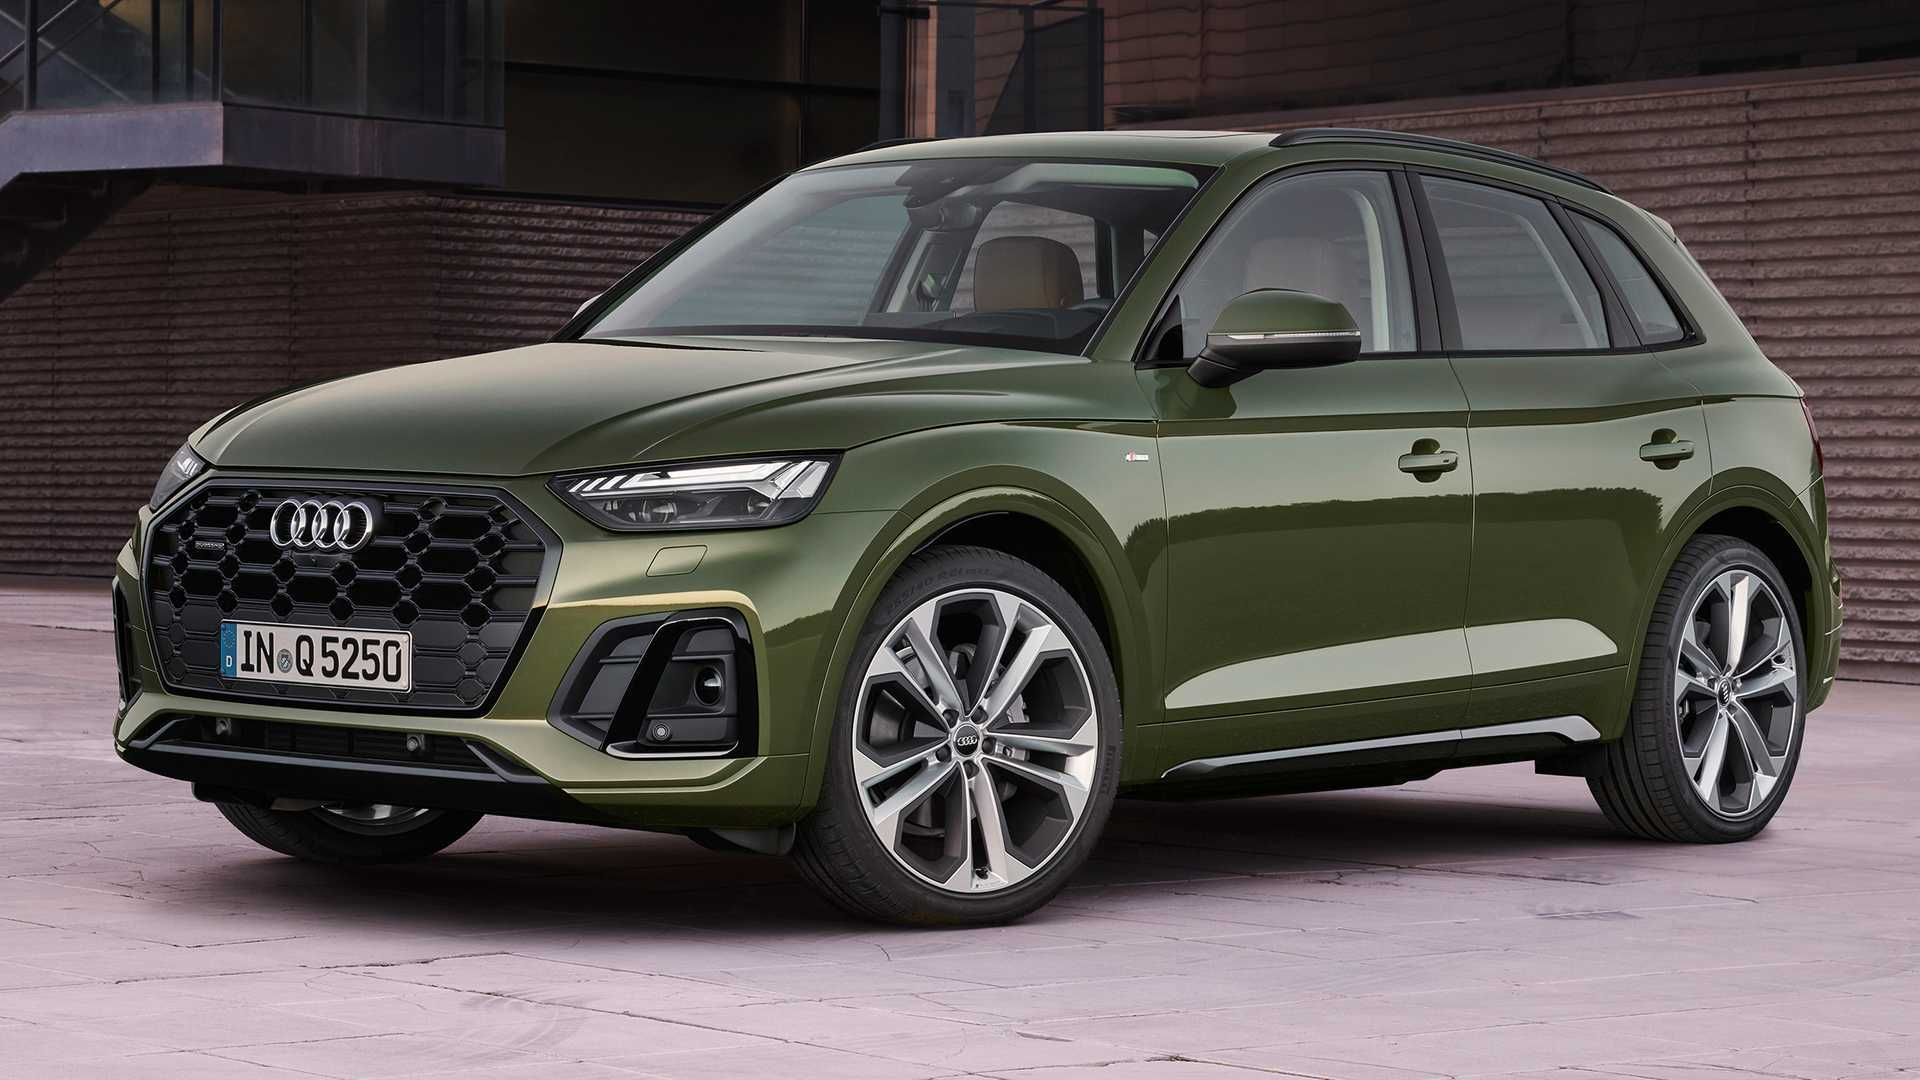 2021 Yilina Yeni Makyajiyla Girmeye Hazirlanan Audi Q5 Dunyada Bir Ilki De Beraberinde Getirdi Yeni Yuzuyle Audi Q5 Detayla Audi Araba Motosikletler Otomobil